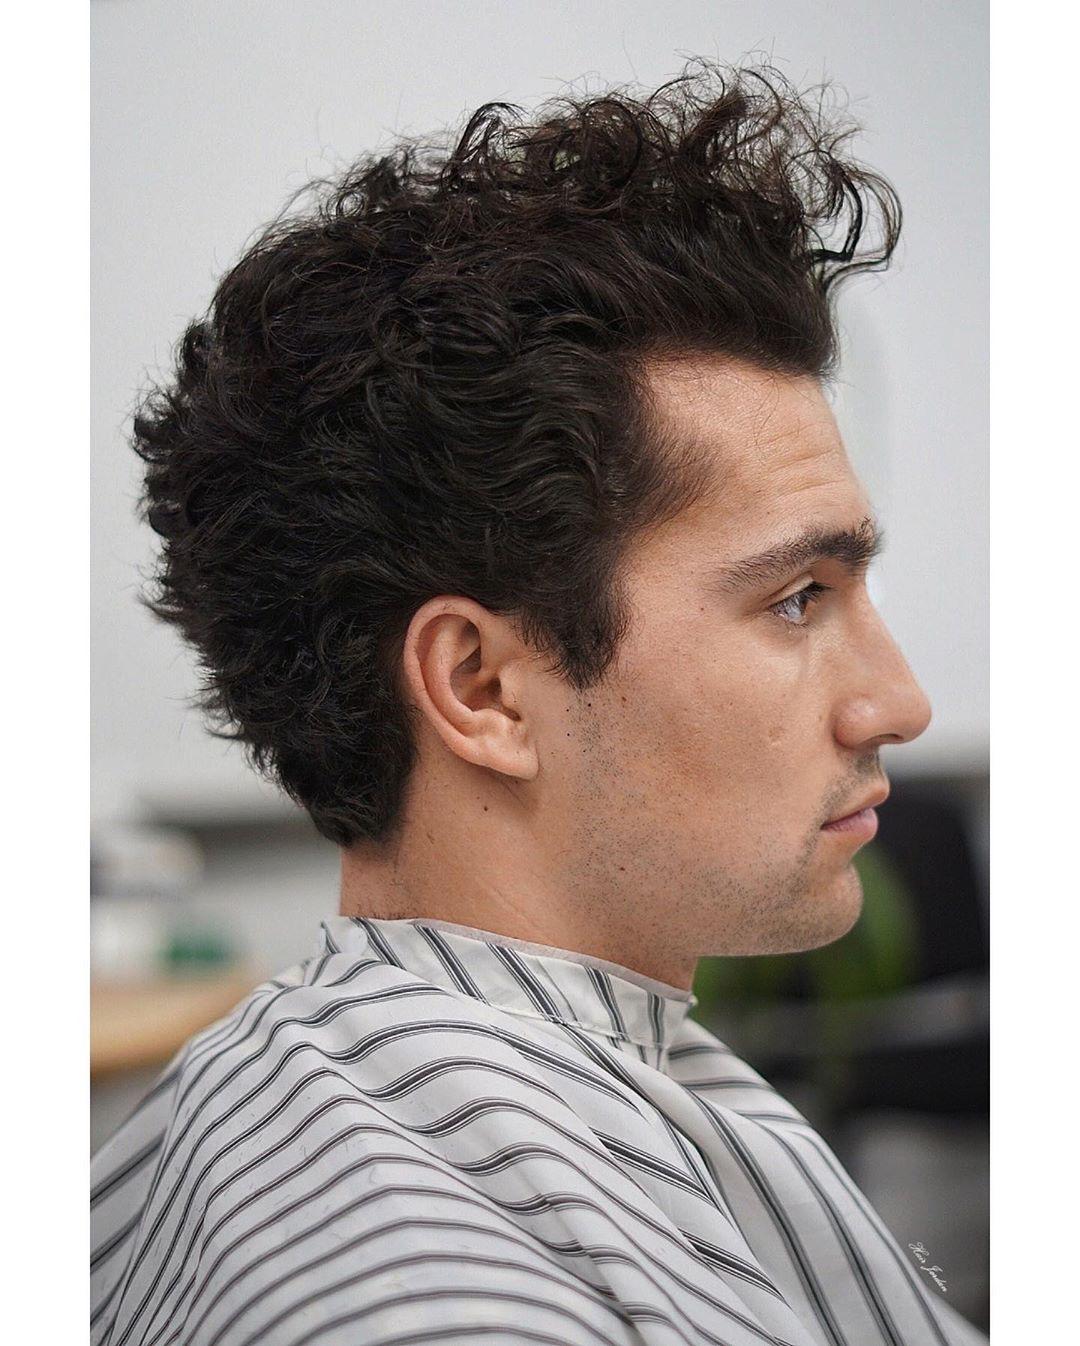 100 New Men S Hairstyles Top Picks Curly Hair Men Curly Hair Styles Undercut Curly Hair